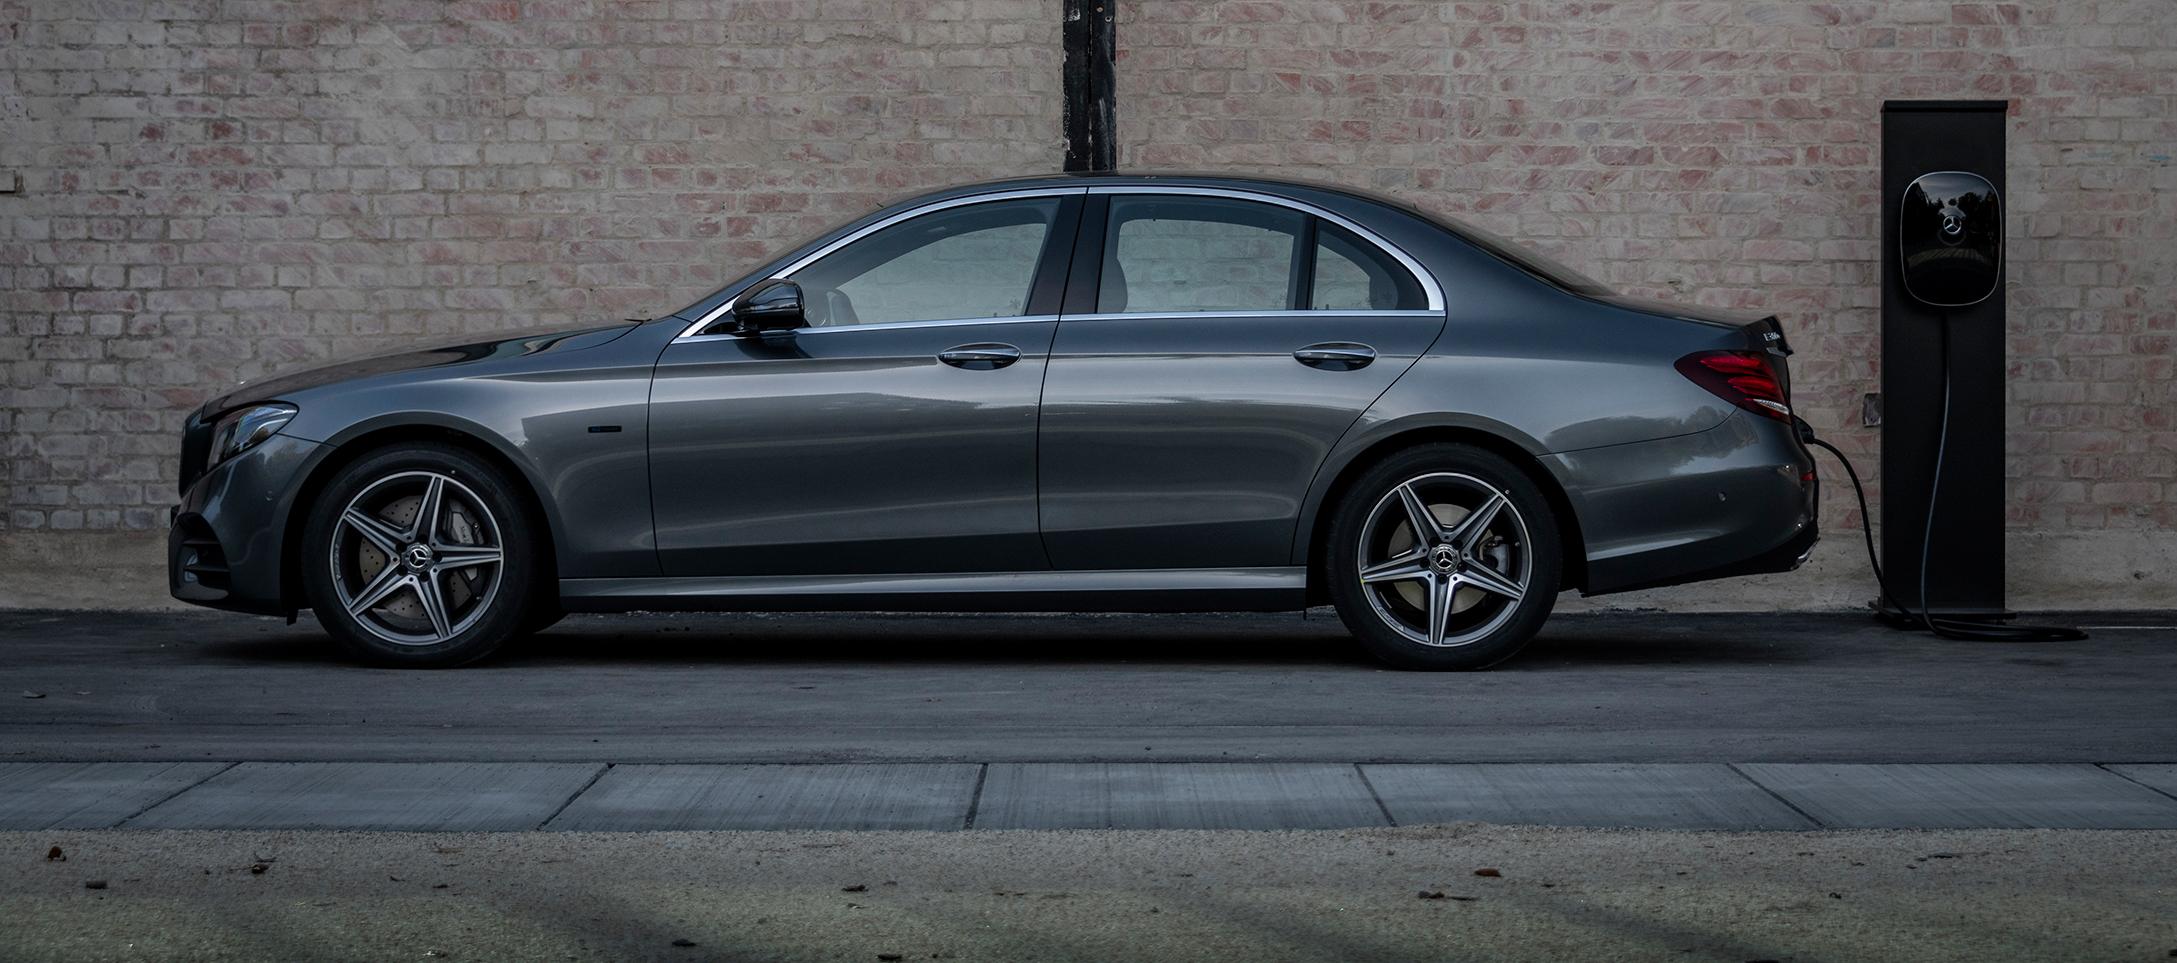 Mercedes-Benz Clase E 300e, ya tiene precios en el Mercado español